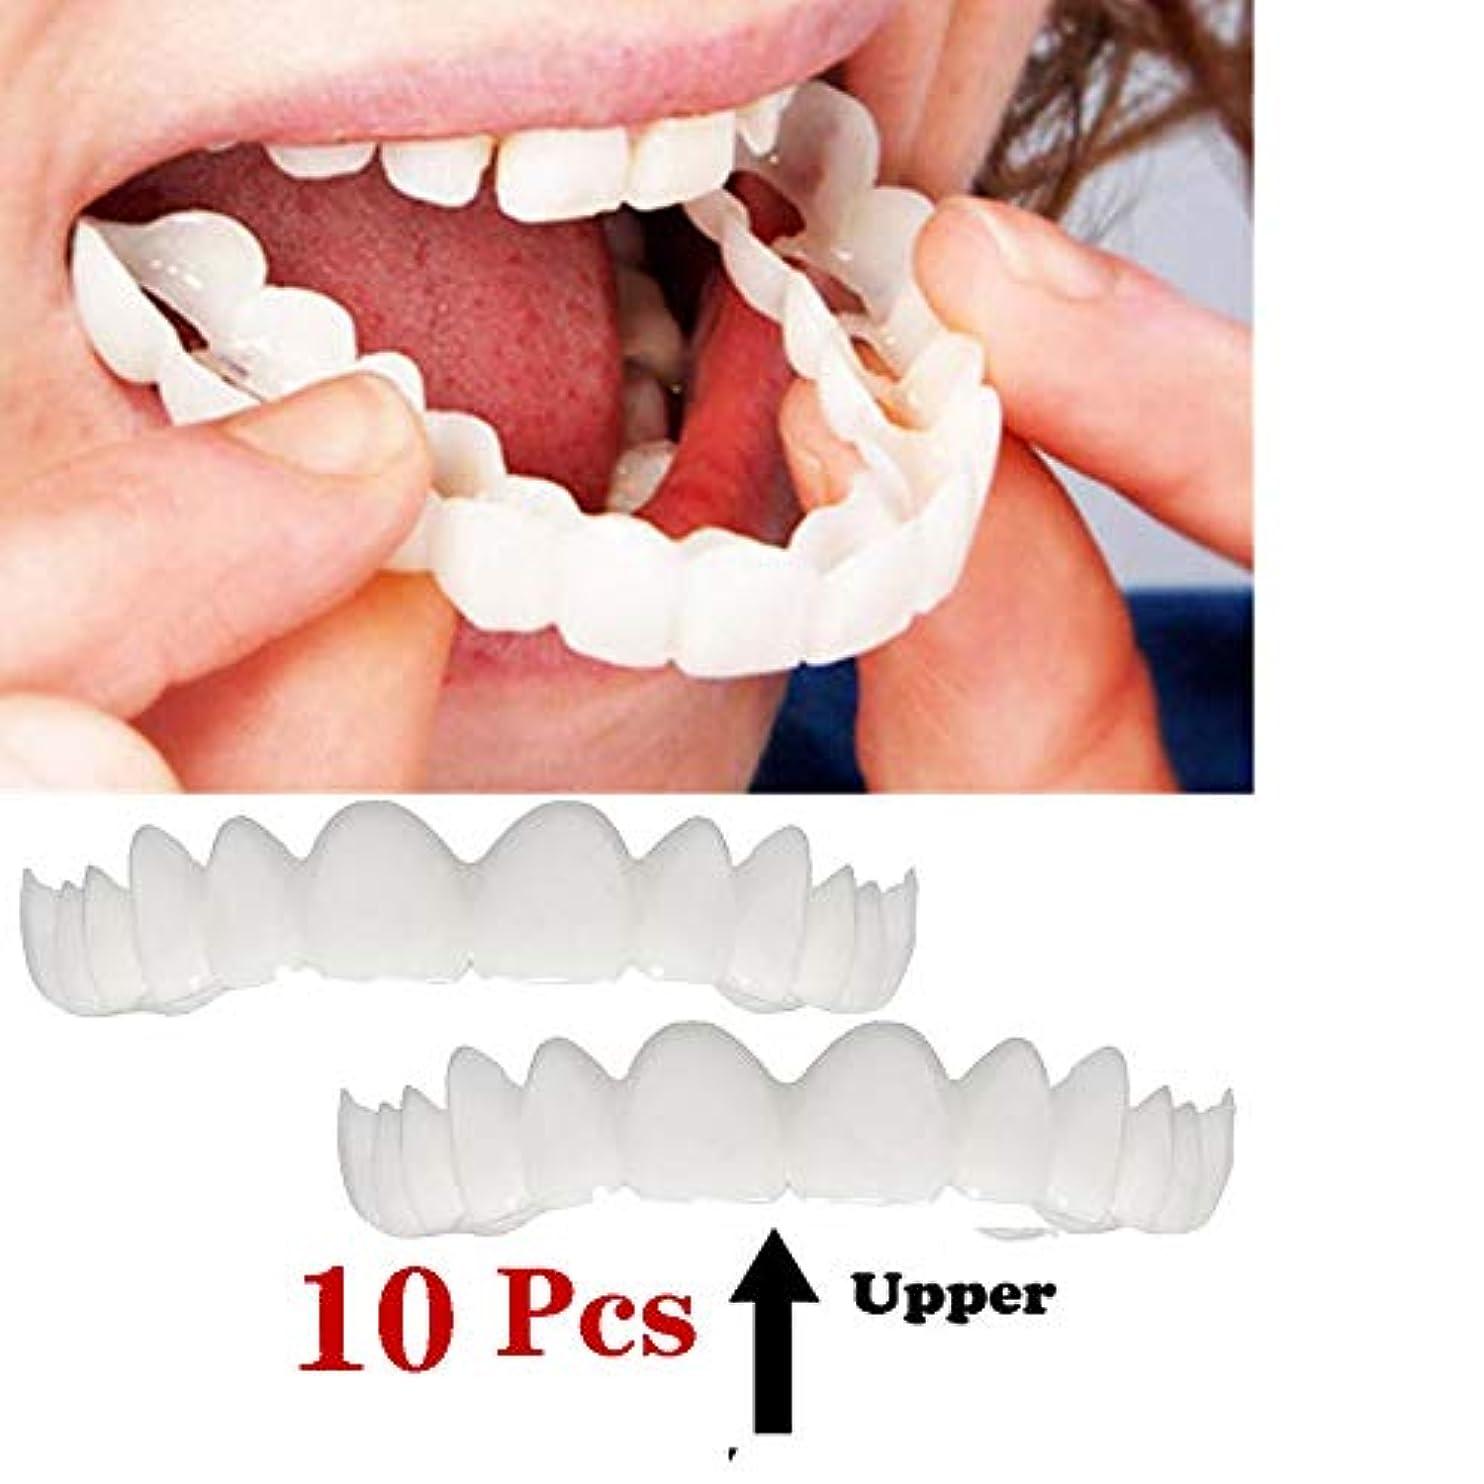 咲く弱める曲線シリコンベニヤティース偽の歯パーフェクトスマイルベニヤストック補正矯正義歯悪い義歯ベニヤベニヤ歯ホワイトニング